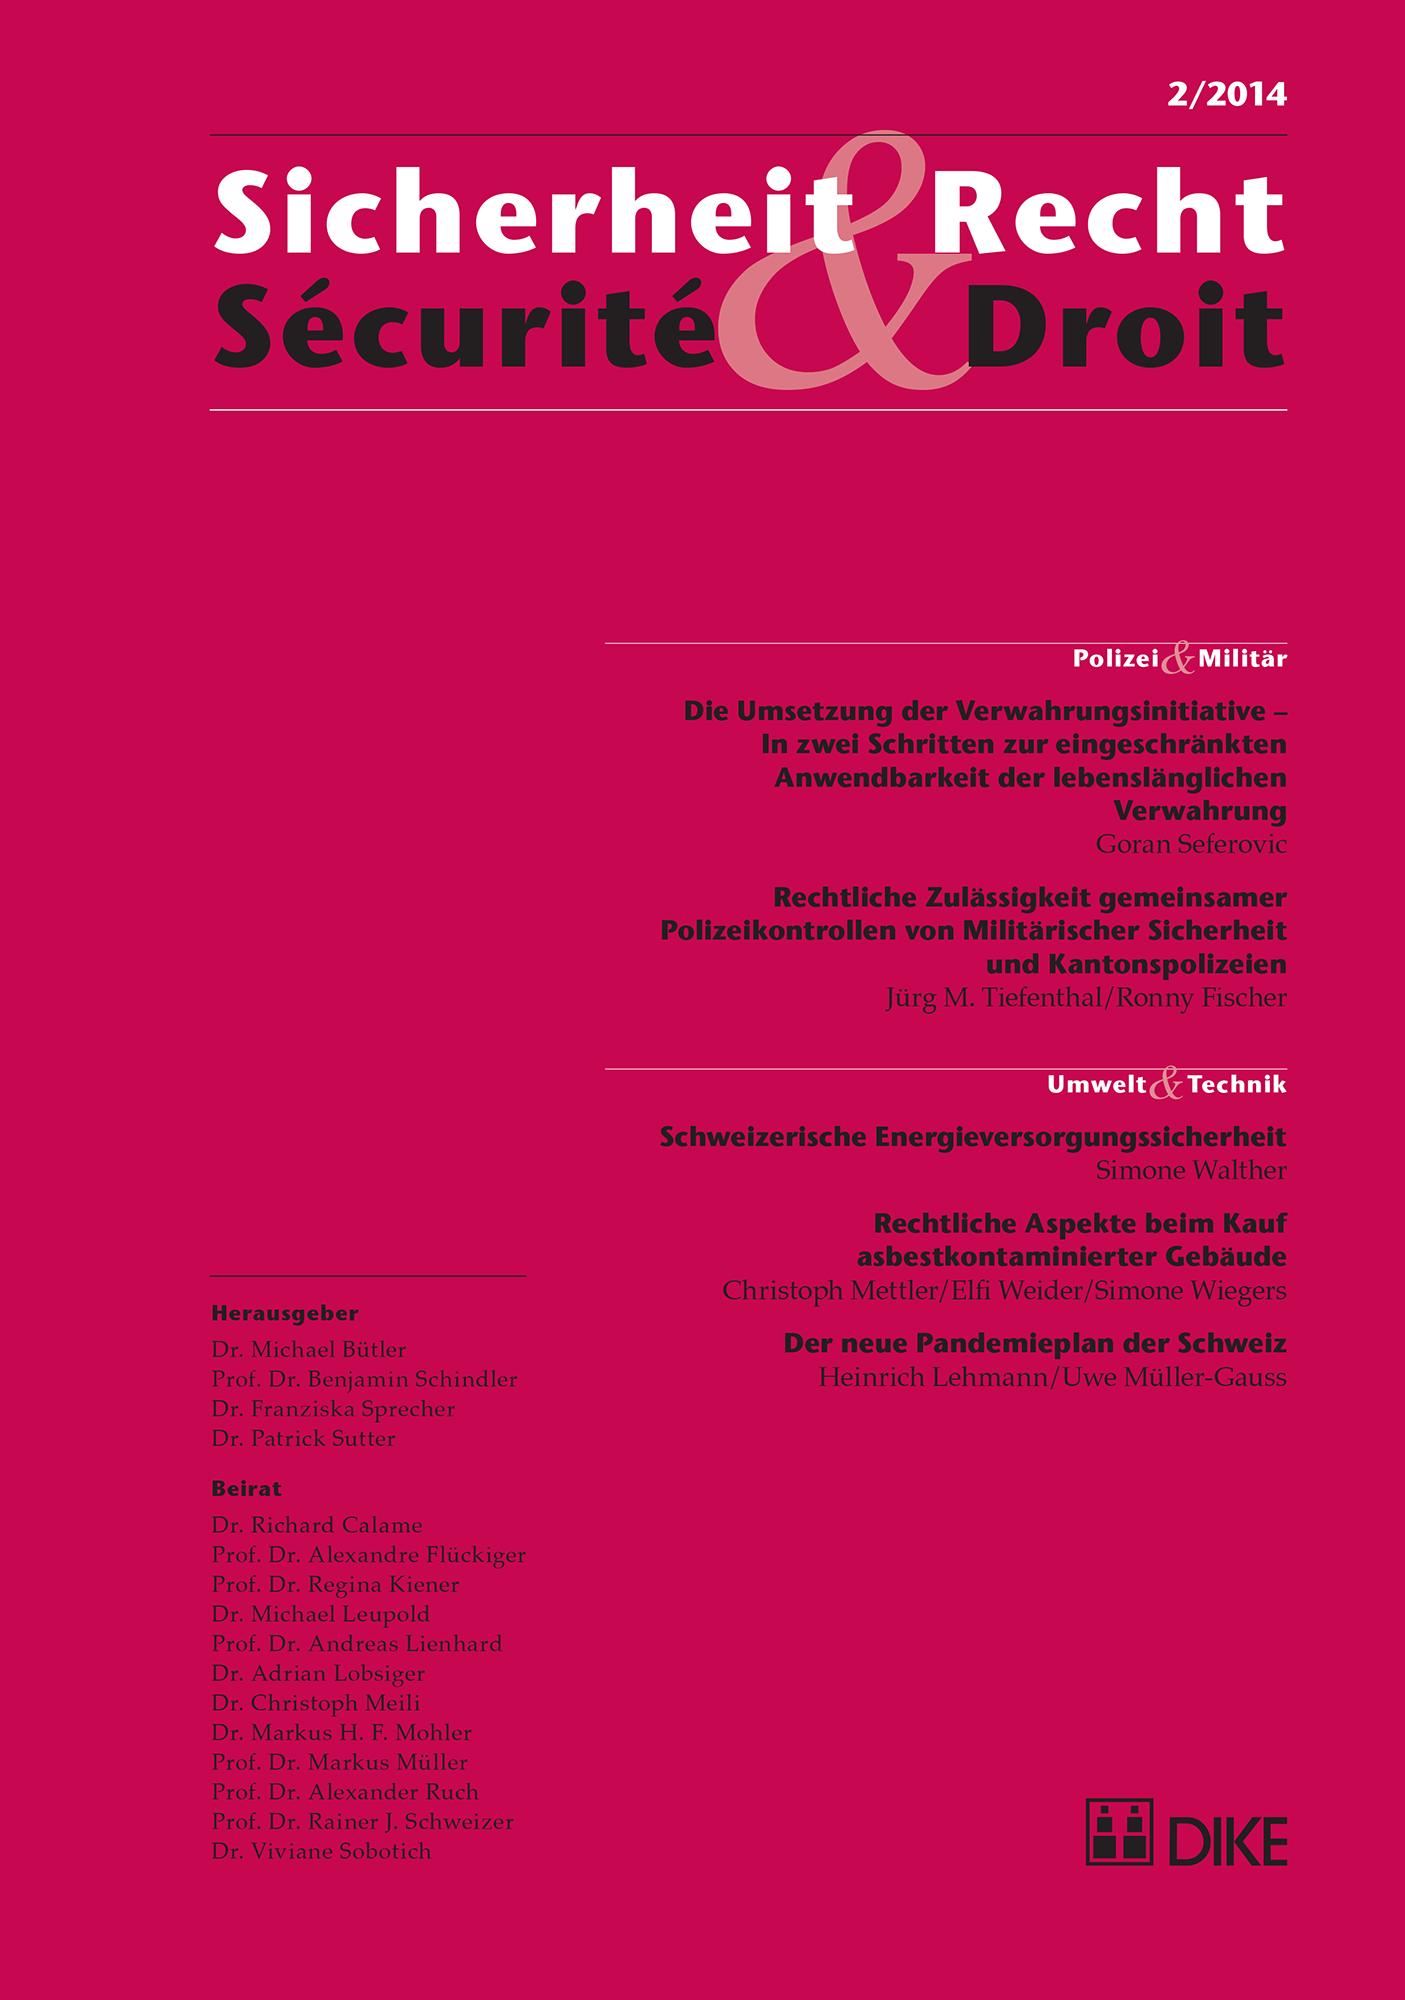 Sicherheit & Recht / Sécurité & Droit 02/2014